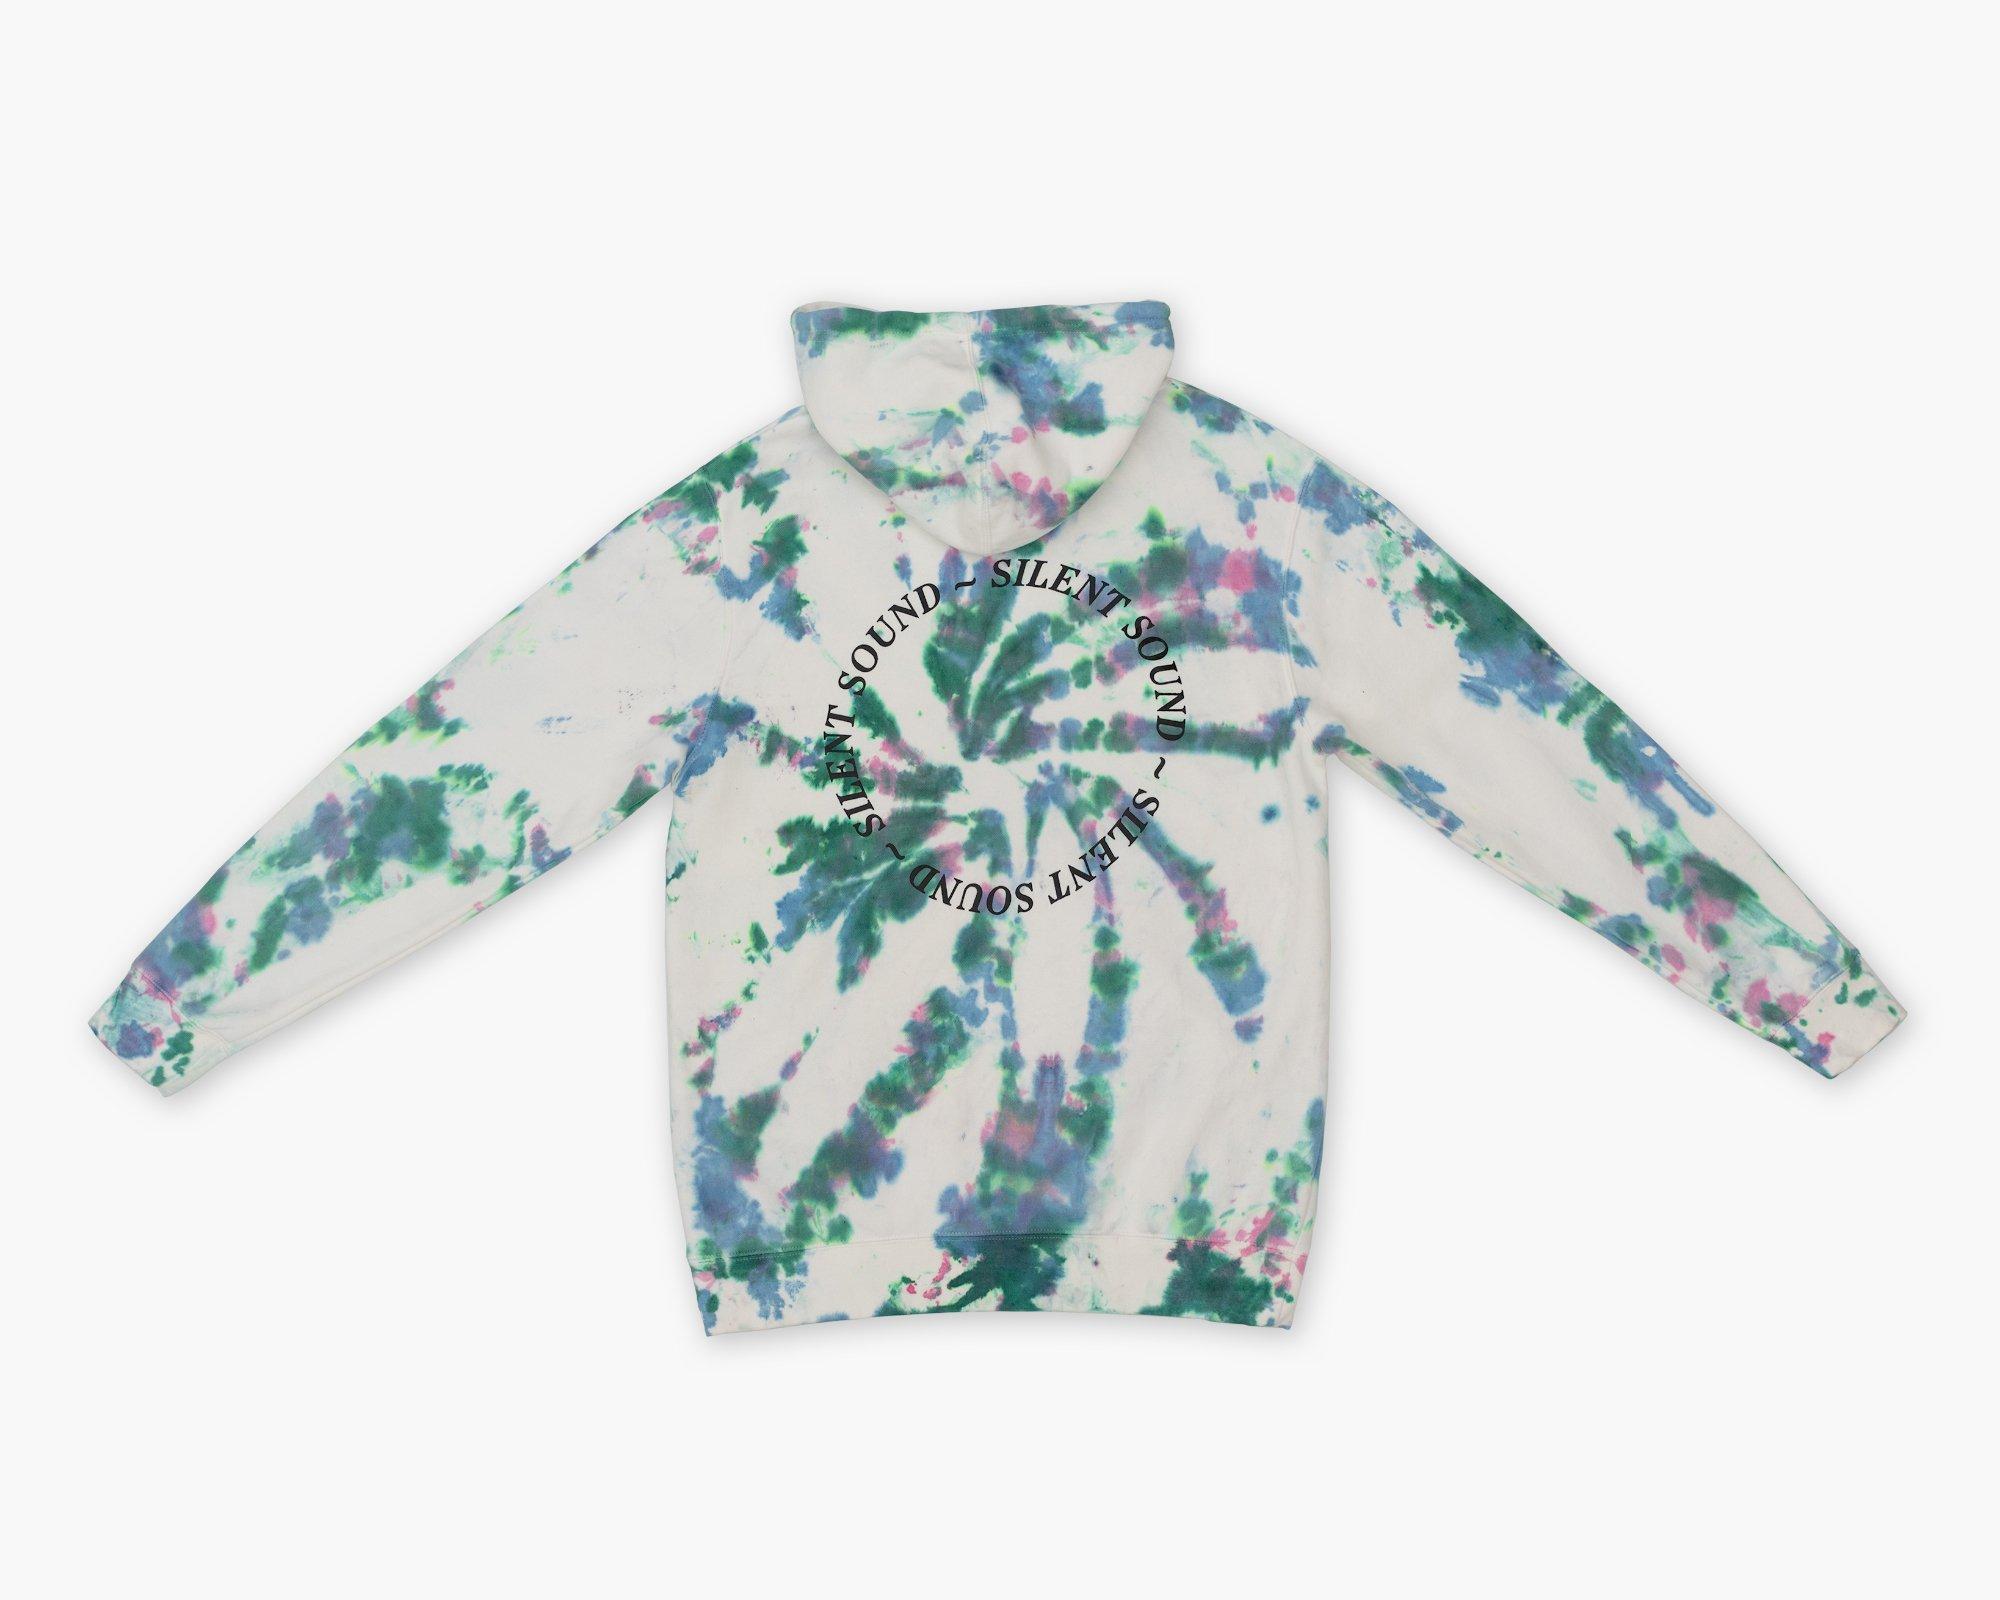 Image of Hooded Sweatshirt - Hand Dye / Black